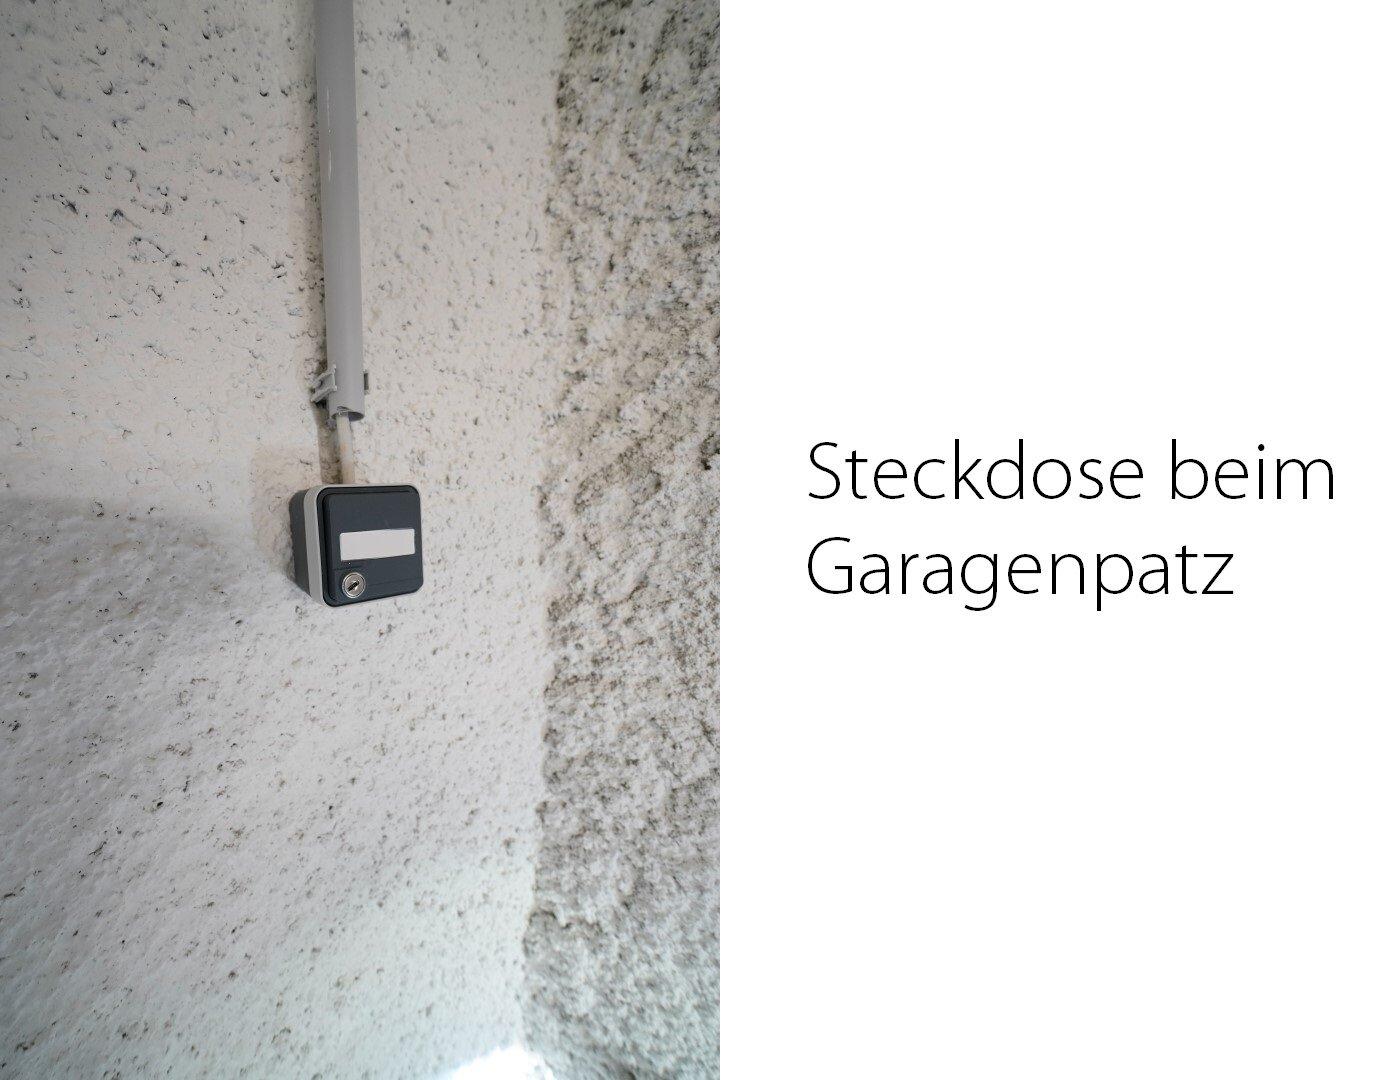 Steckdose bei Garagenplatz